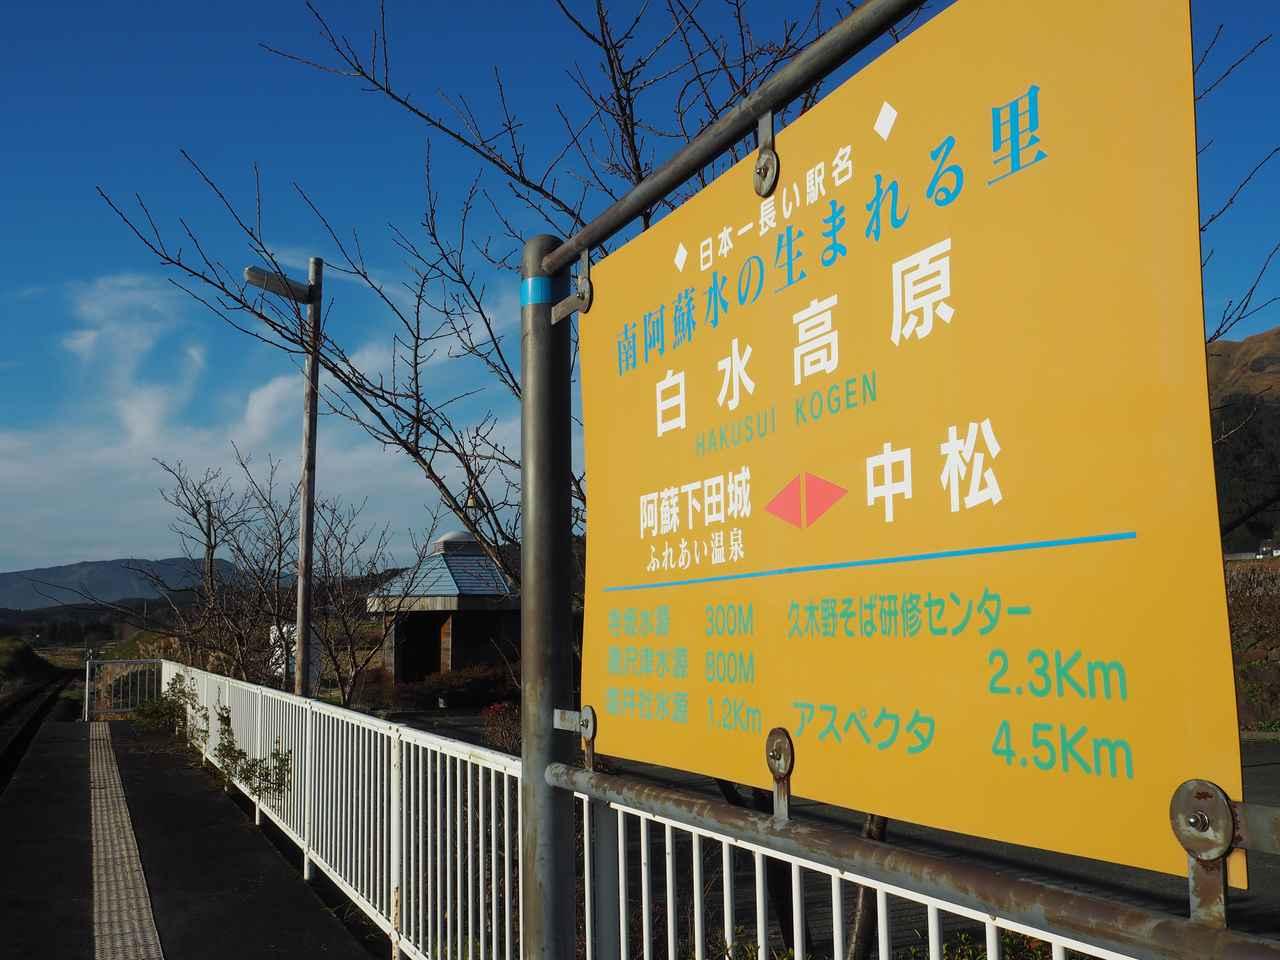 画像: そして「日本一長い駅名」で有名な「南阿蘇水の生まれる里白水高原(みなみあそみずのうまれるさとはくすいこうげん)」へもPASで